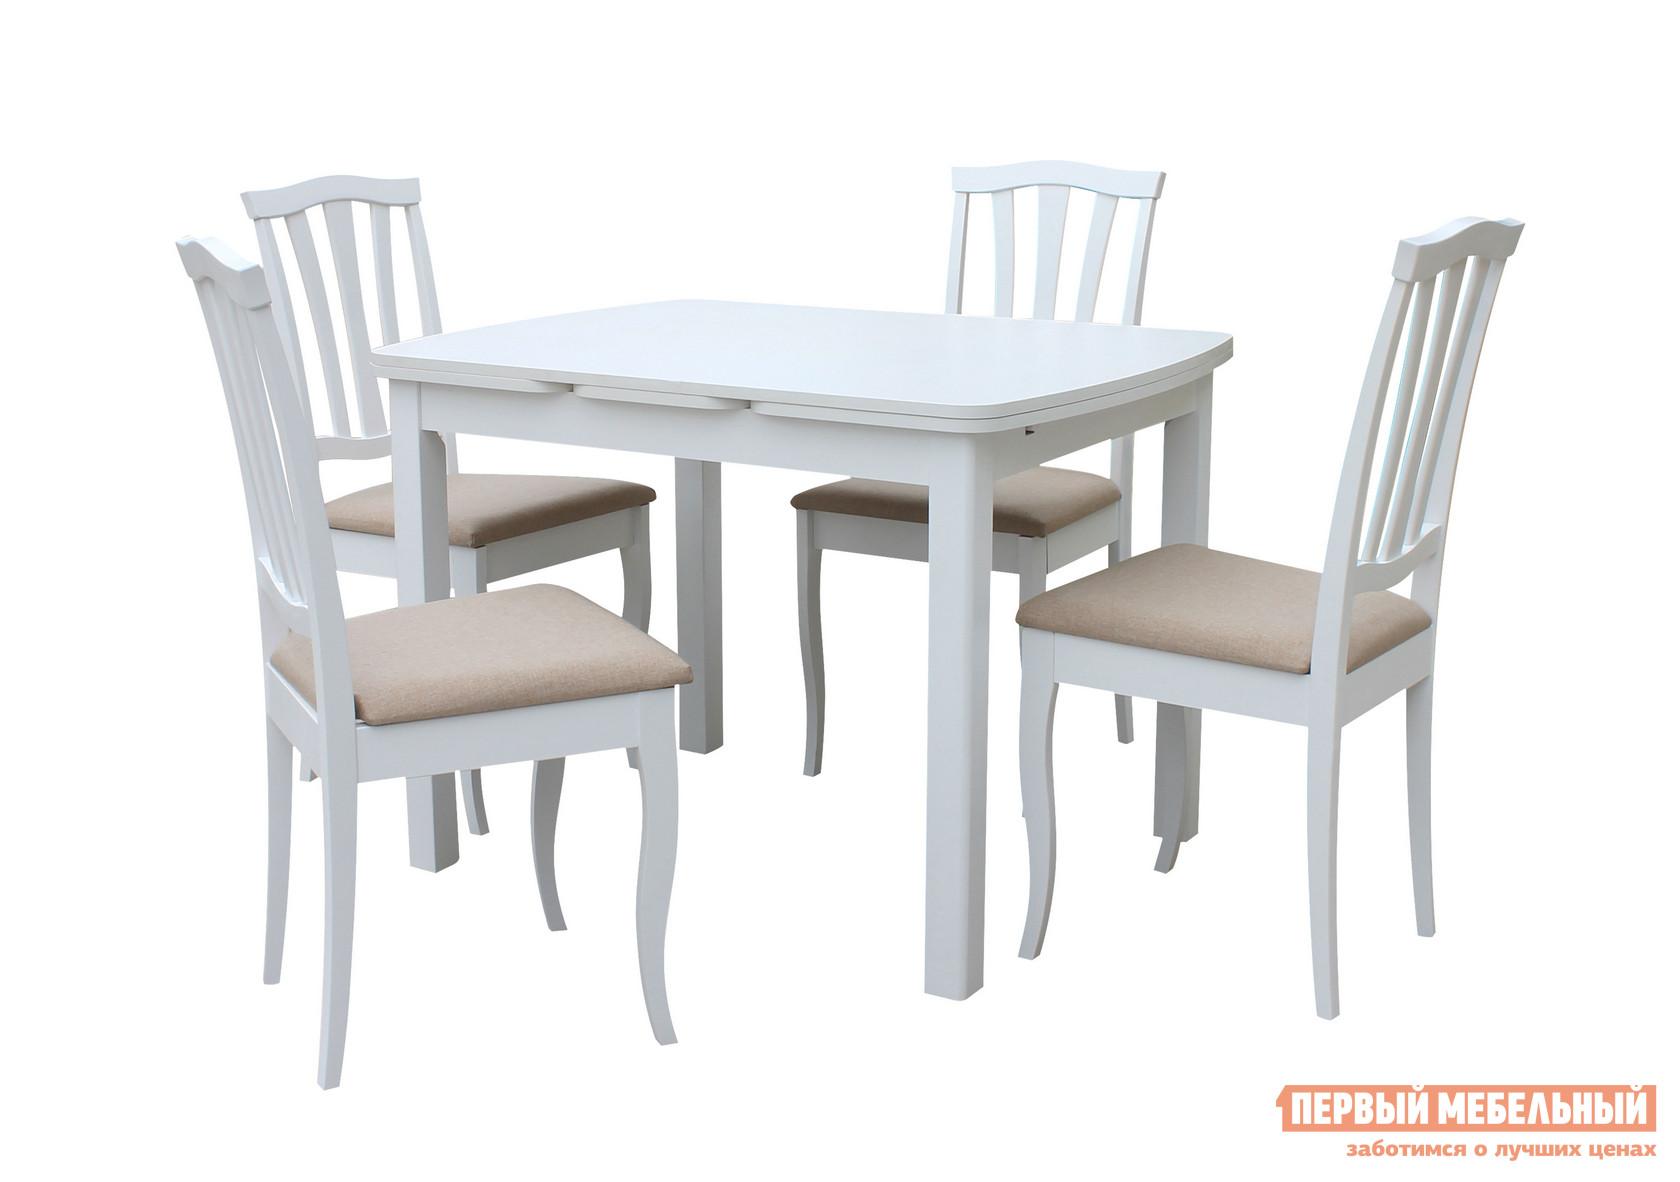 Обеденная группа для столовой и гостиной Mebwill Орлеан Сити обеденная группа для столовой и гостиной mr kim обеденная группа ra t4ex и 4 стула ra sc